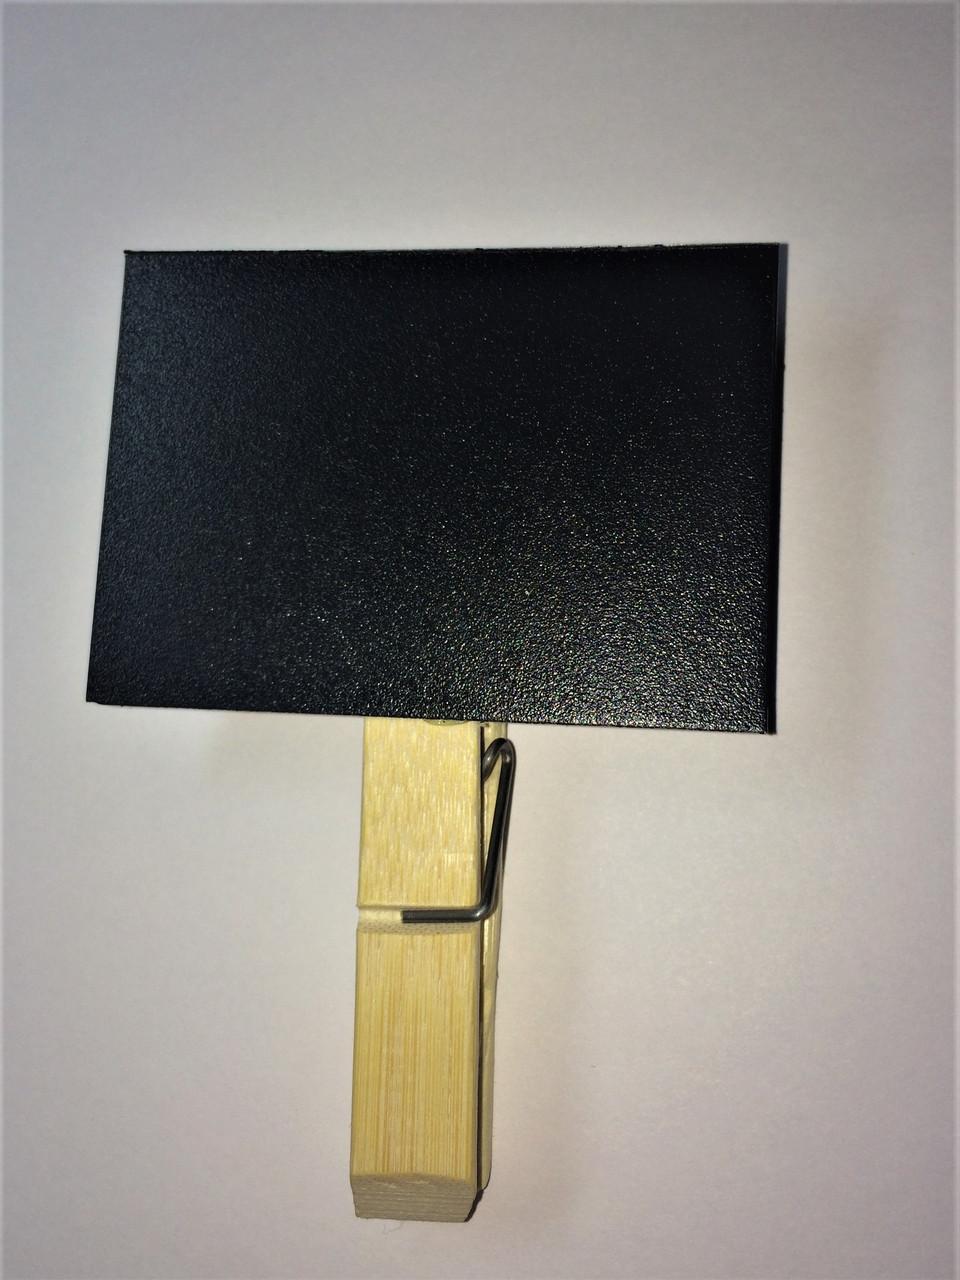 Меловой ценник 3х8 см с прищепкой держателем для надписей мелом и маркером. Грифельная табличка